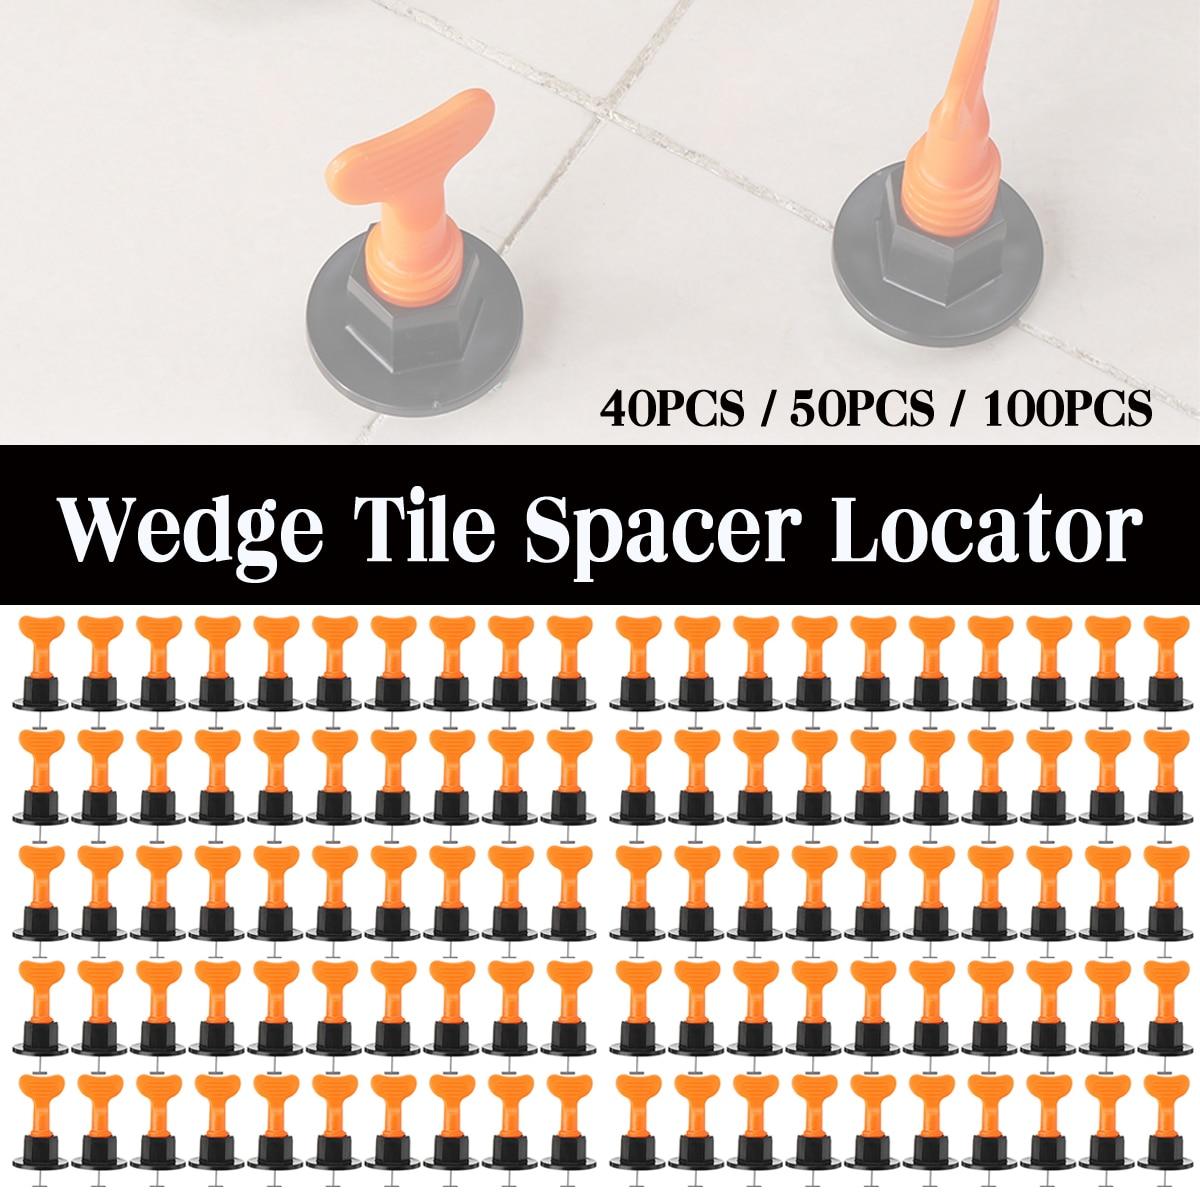 100pcs / set zarovnání dlaždic vyrovnávací klíny dlaždice distanční systém systém plochý keramický srovnávač pro lokátor stavební nářadí lokátor